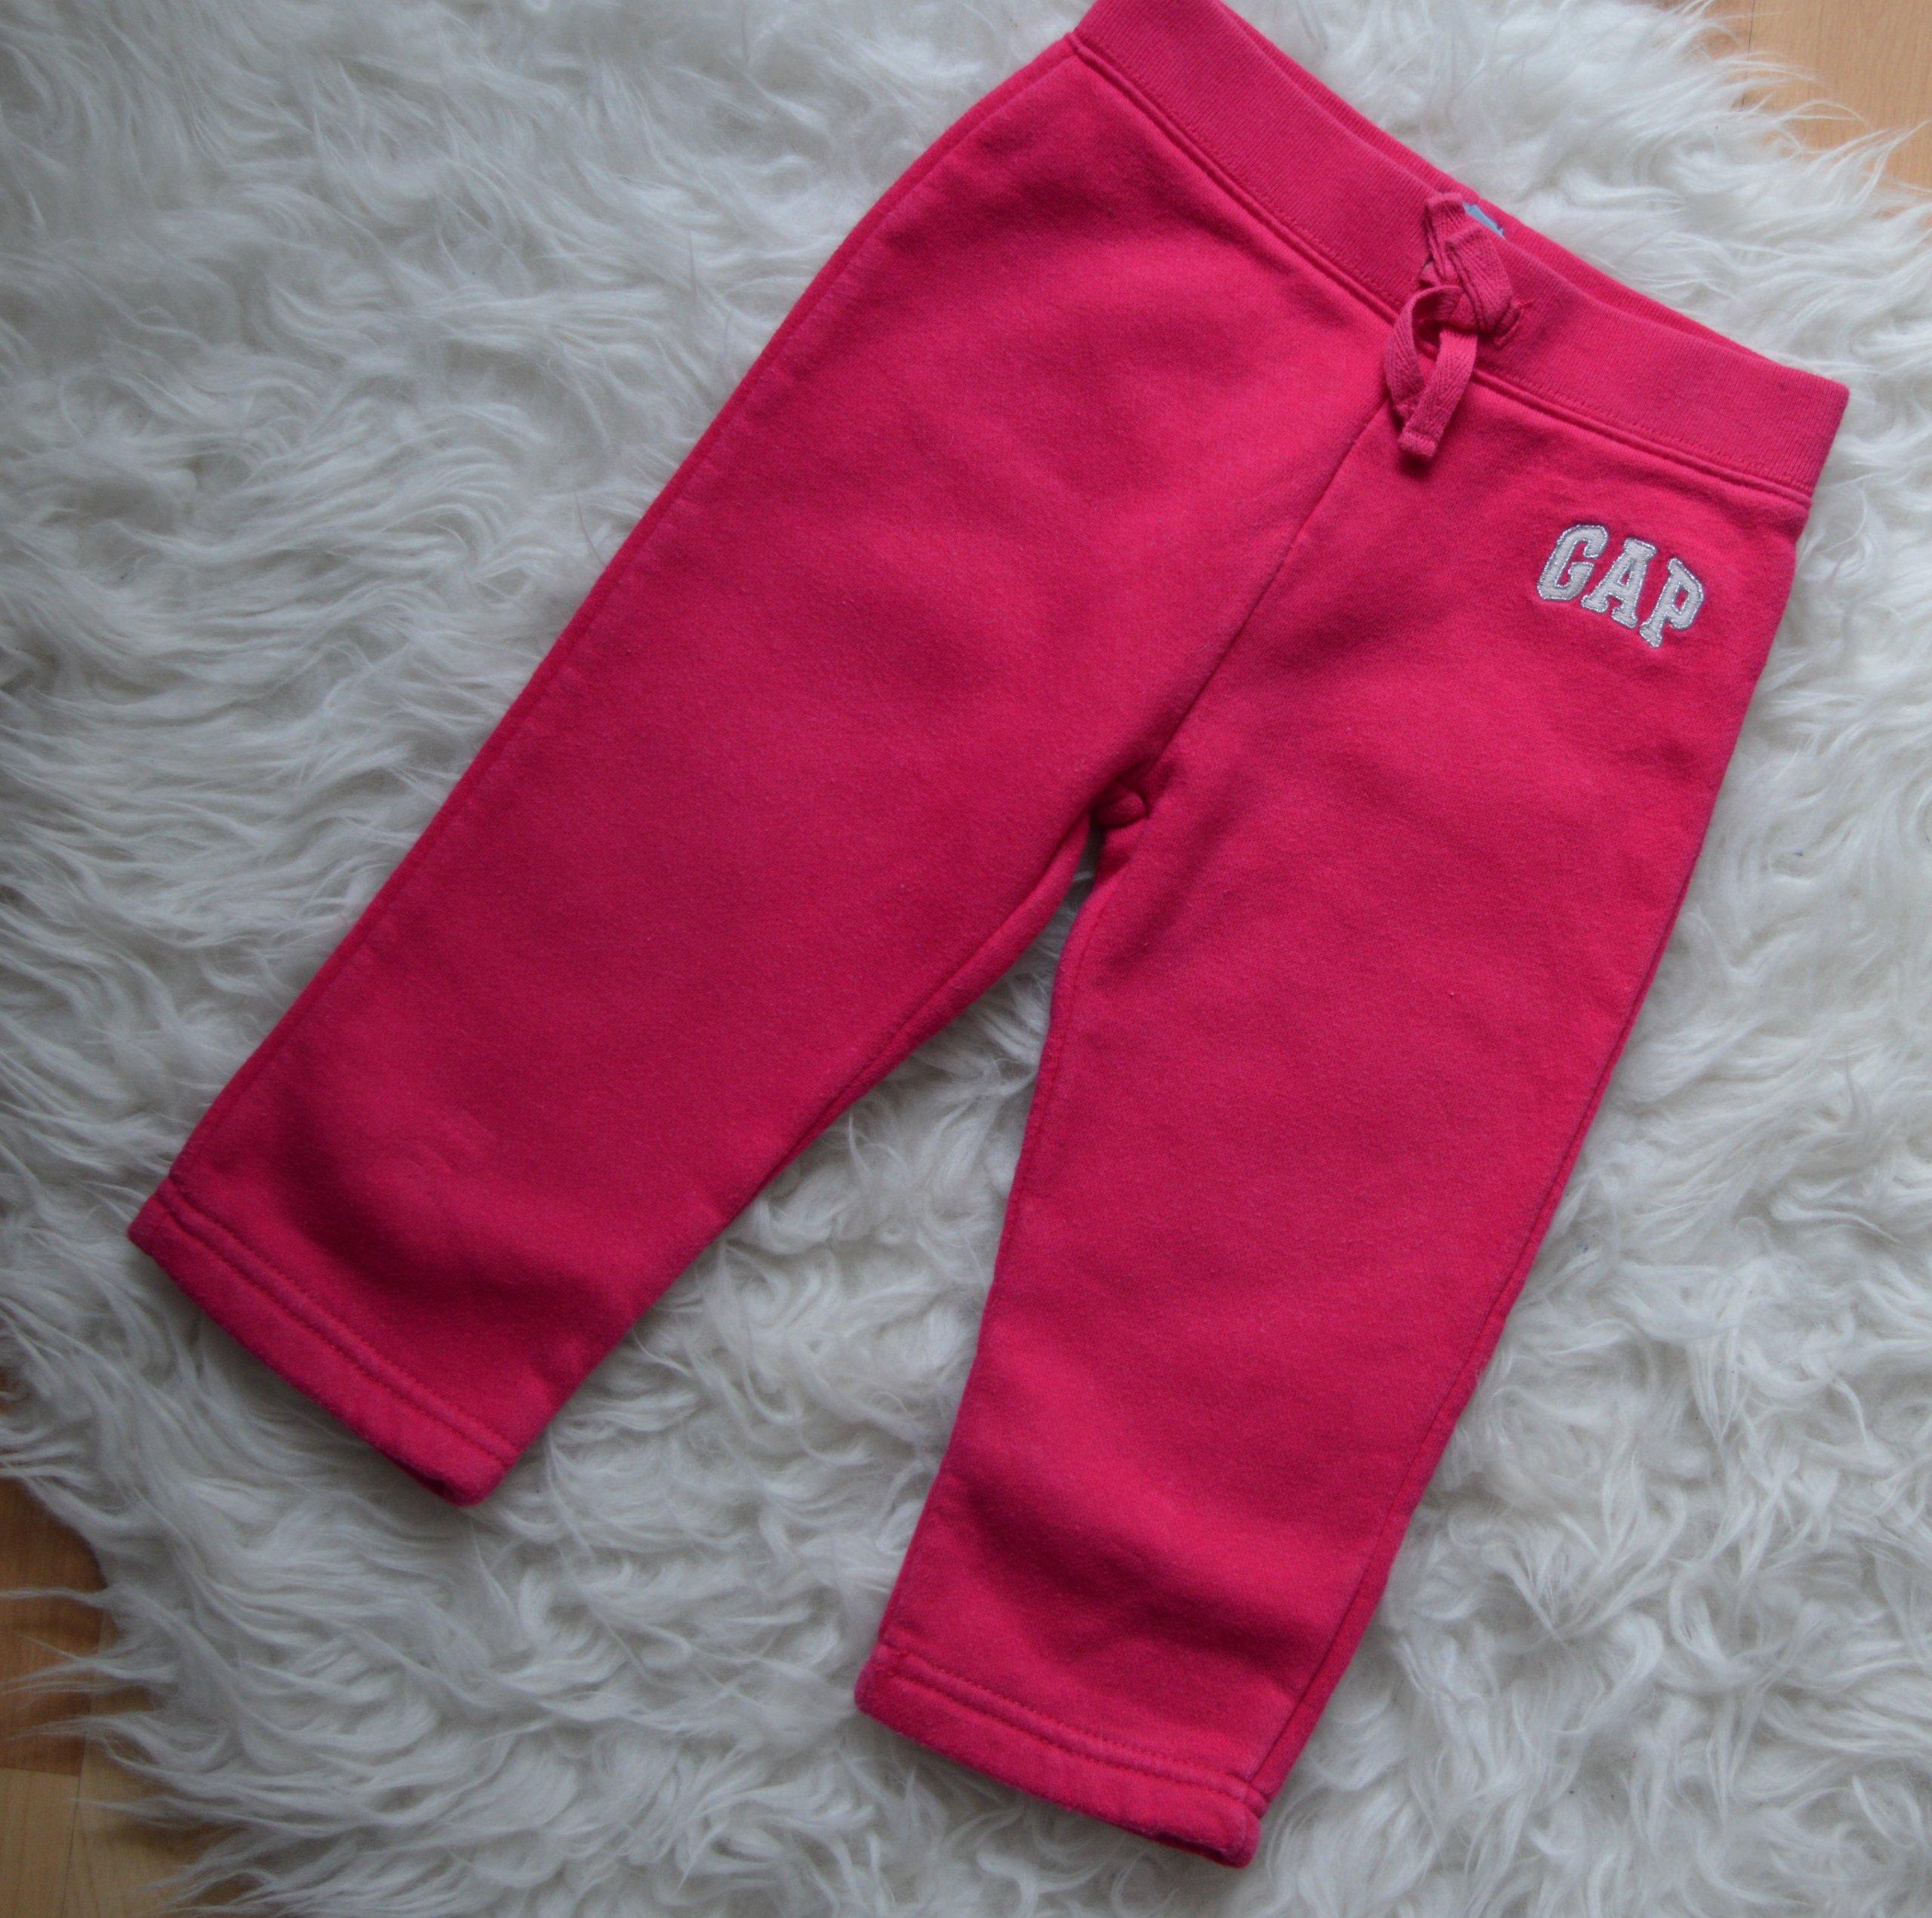 spodnie dresowe GAP różowe 18-28M 90CM stan bdb